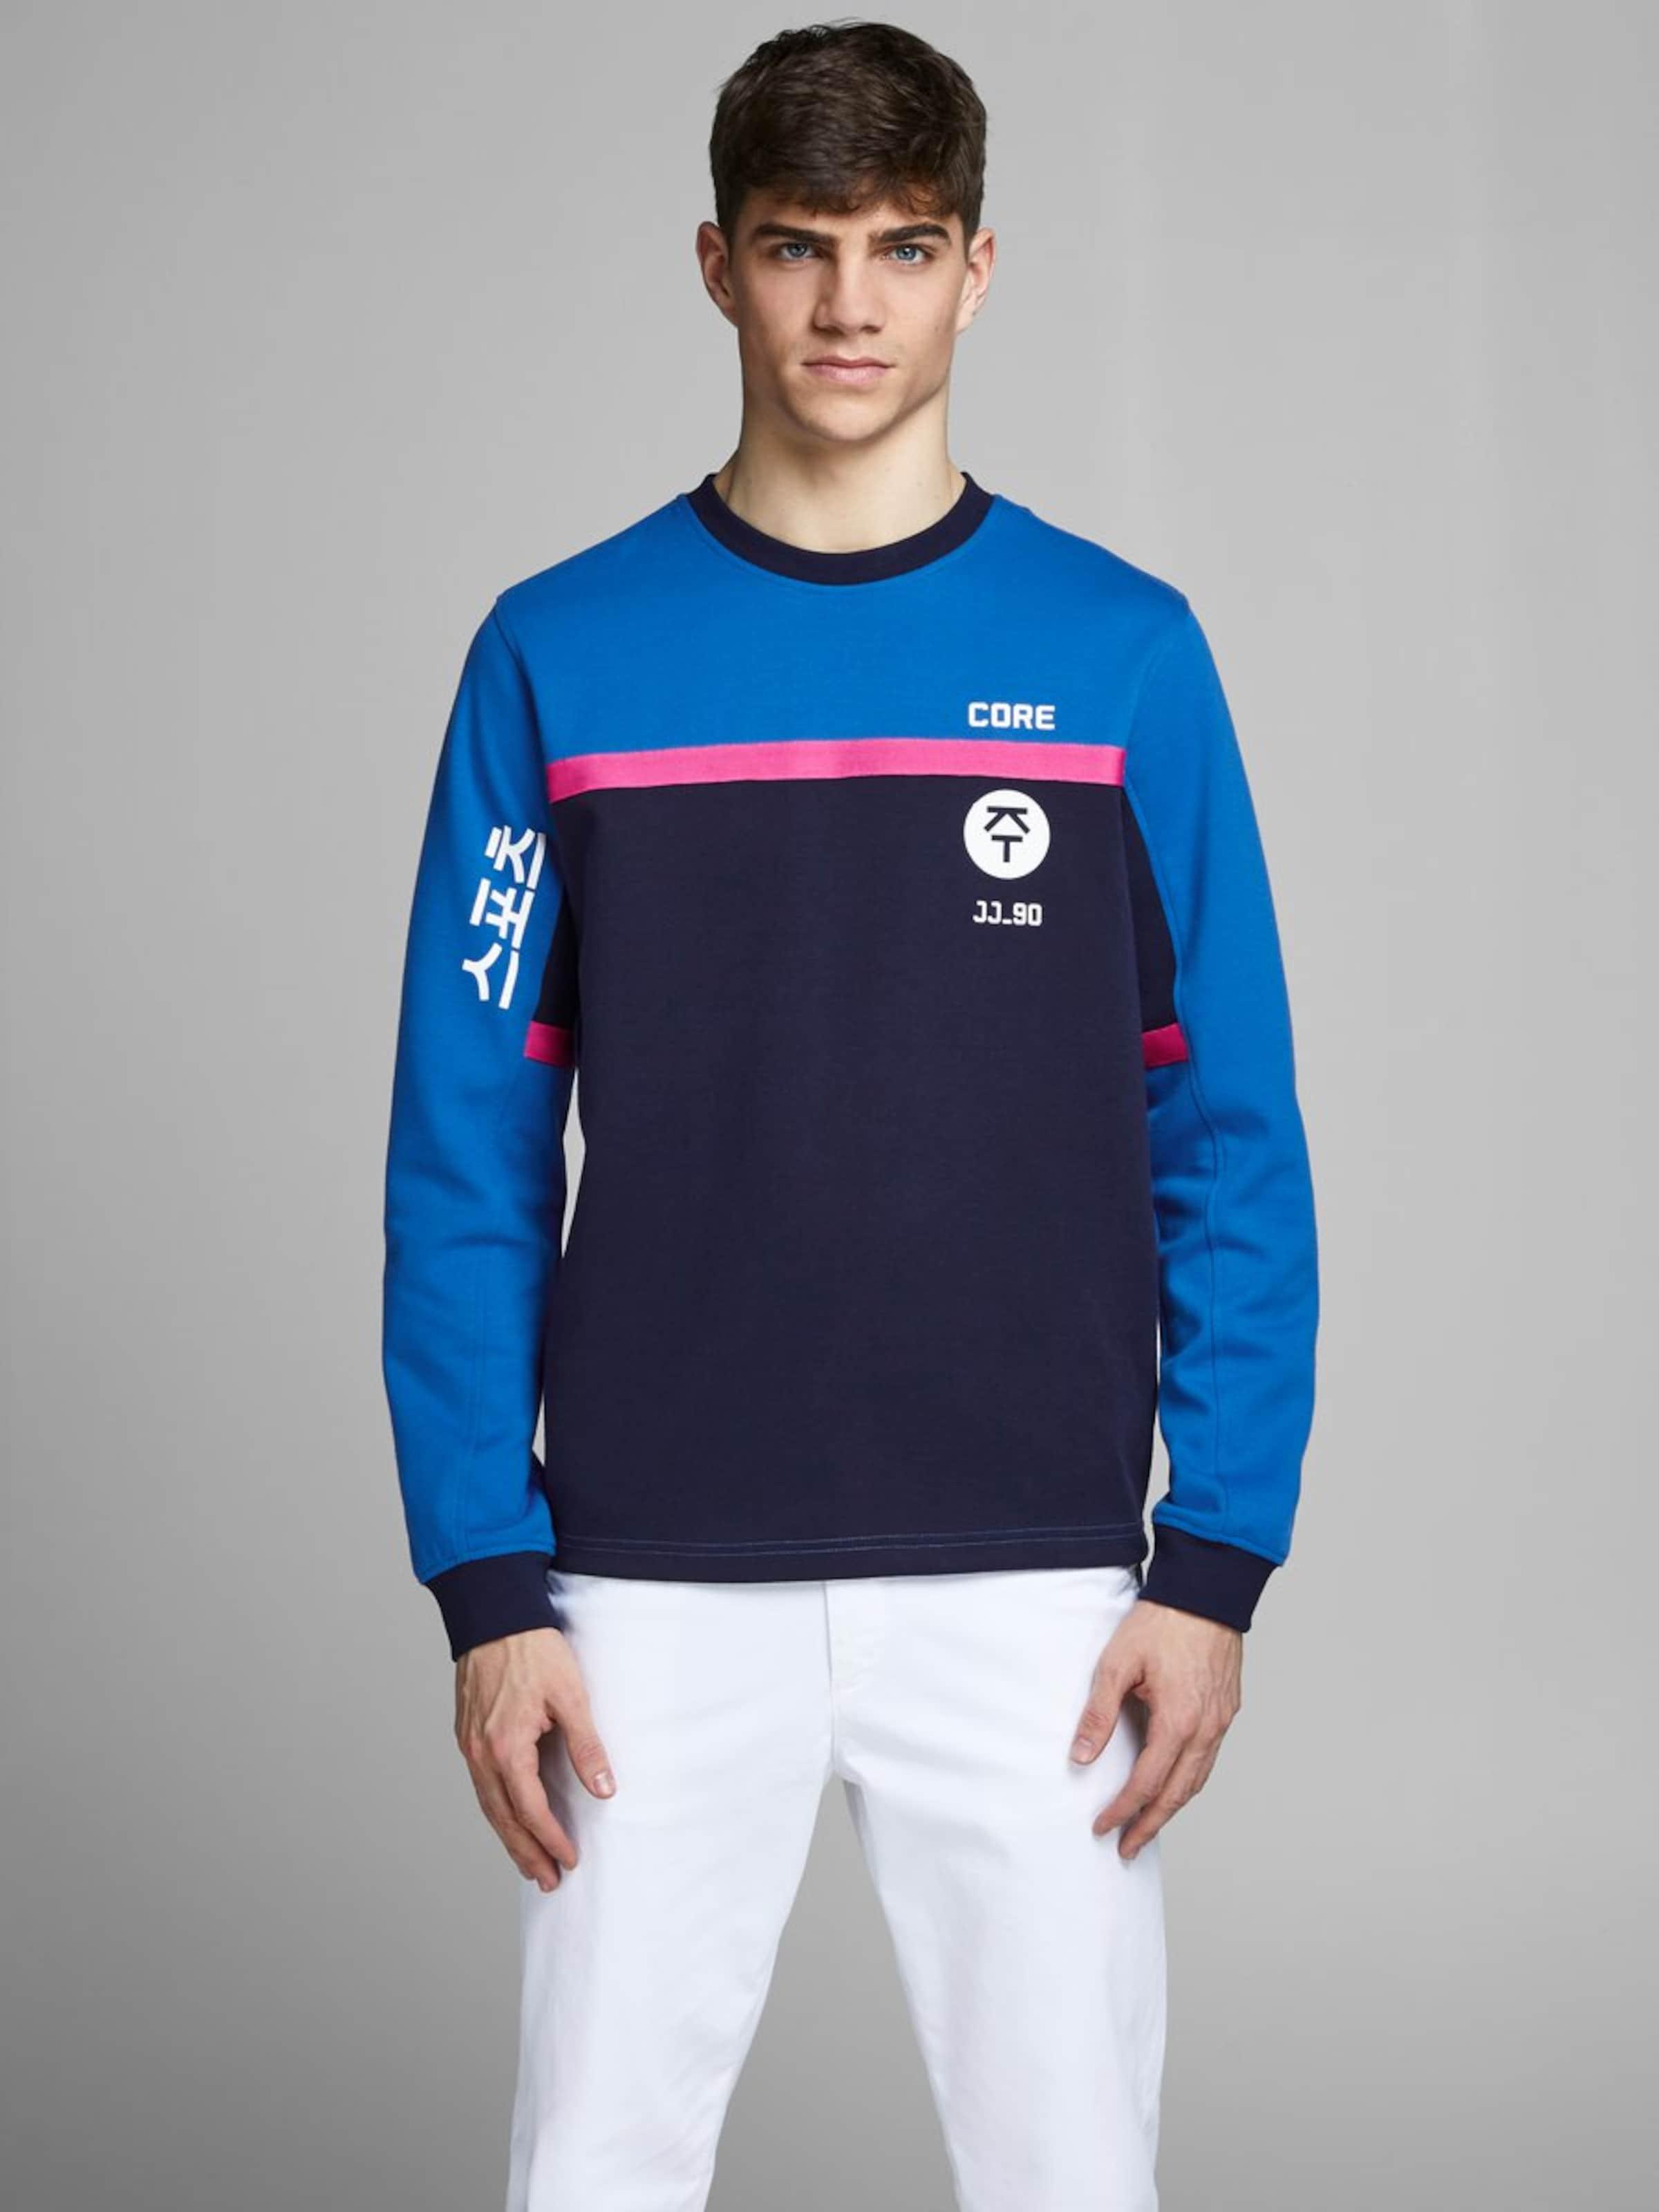 Jones In In Blau Blau Sweatshirt Sweatshirt Jackamp; Jackamp; Jackamp; Jones PXTuiwZlOk